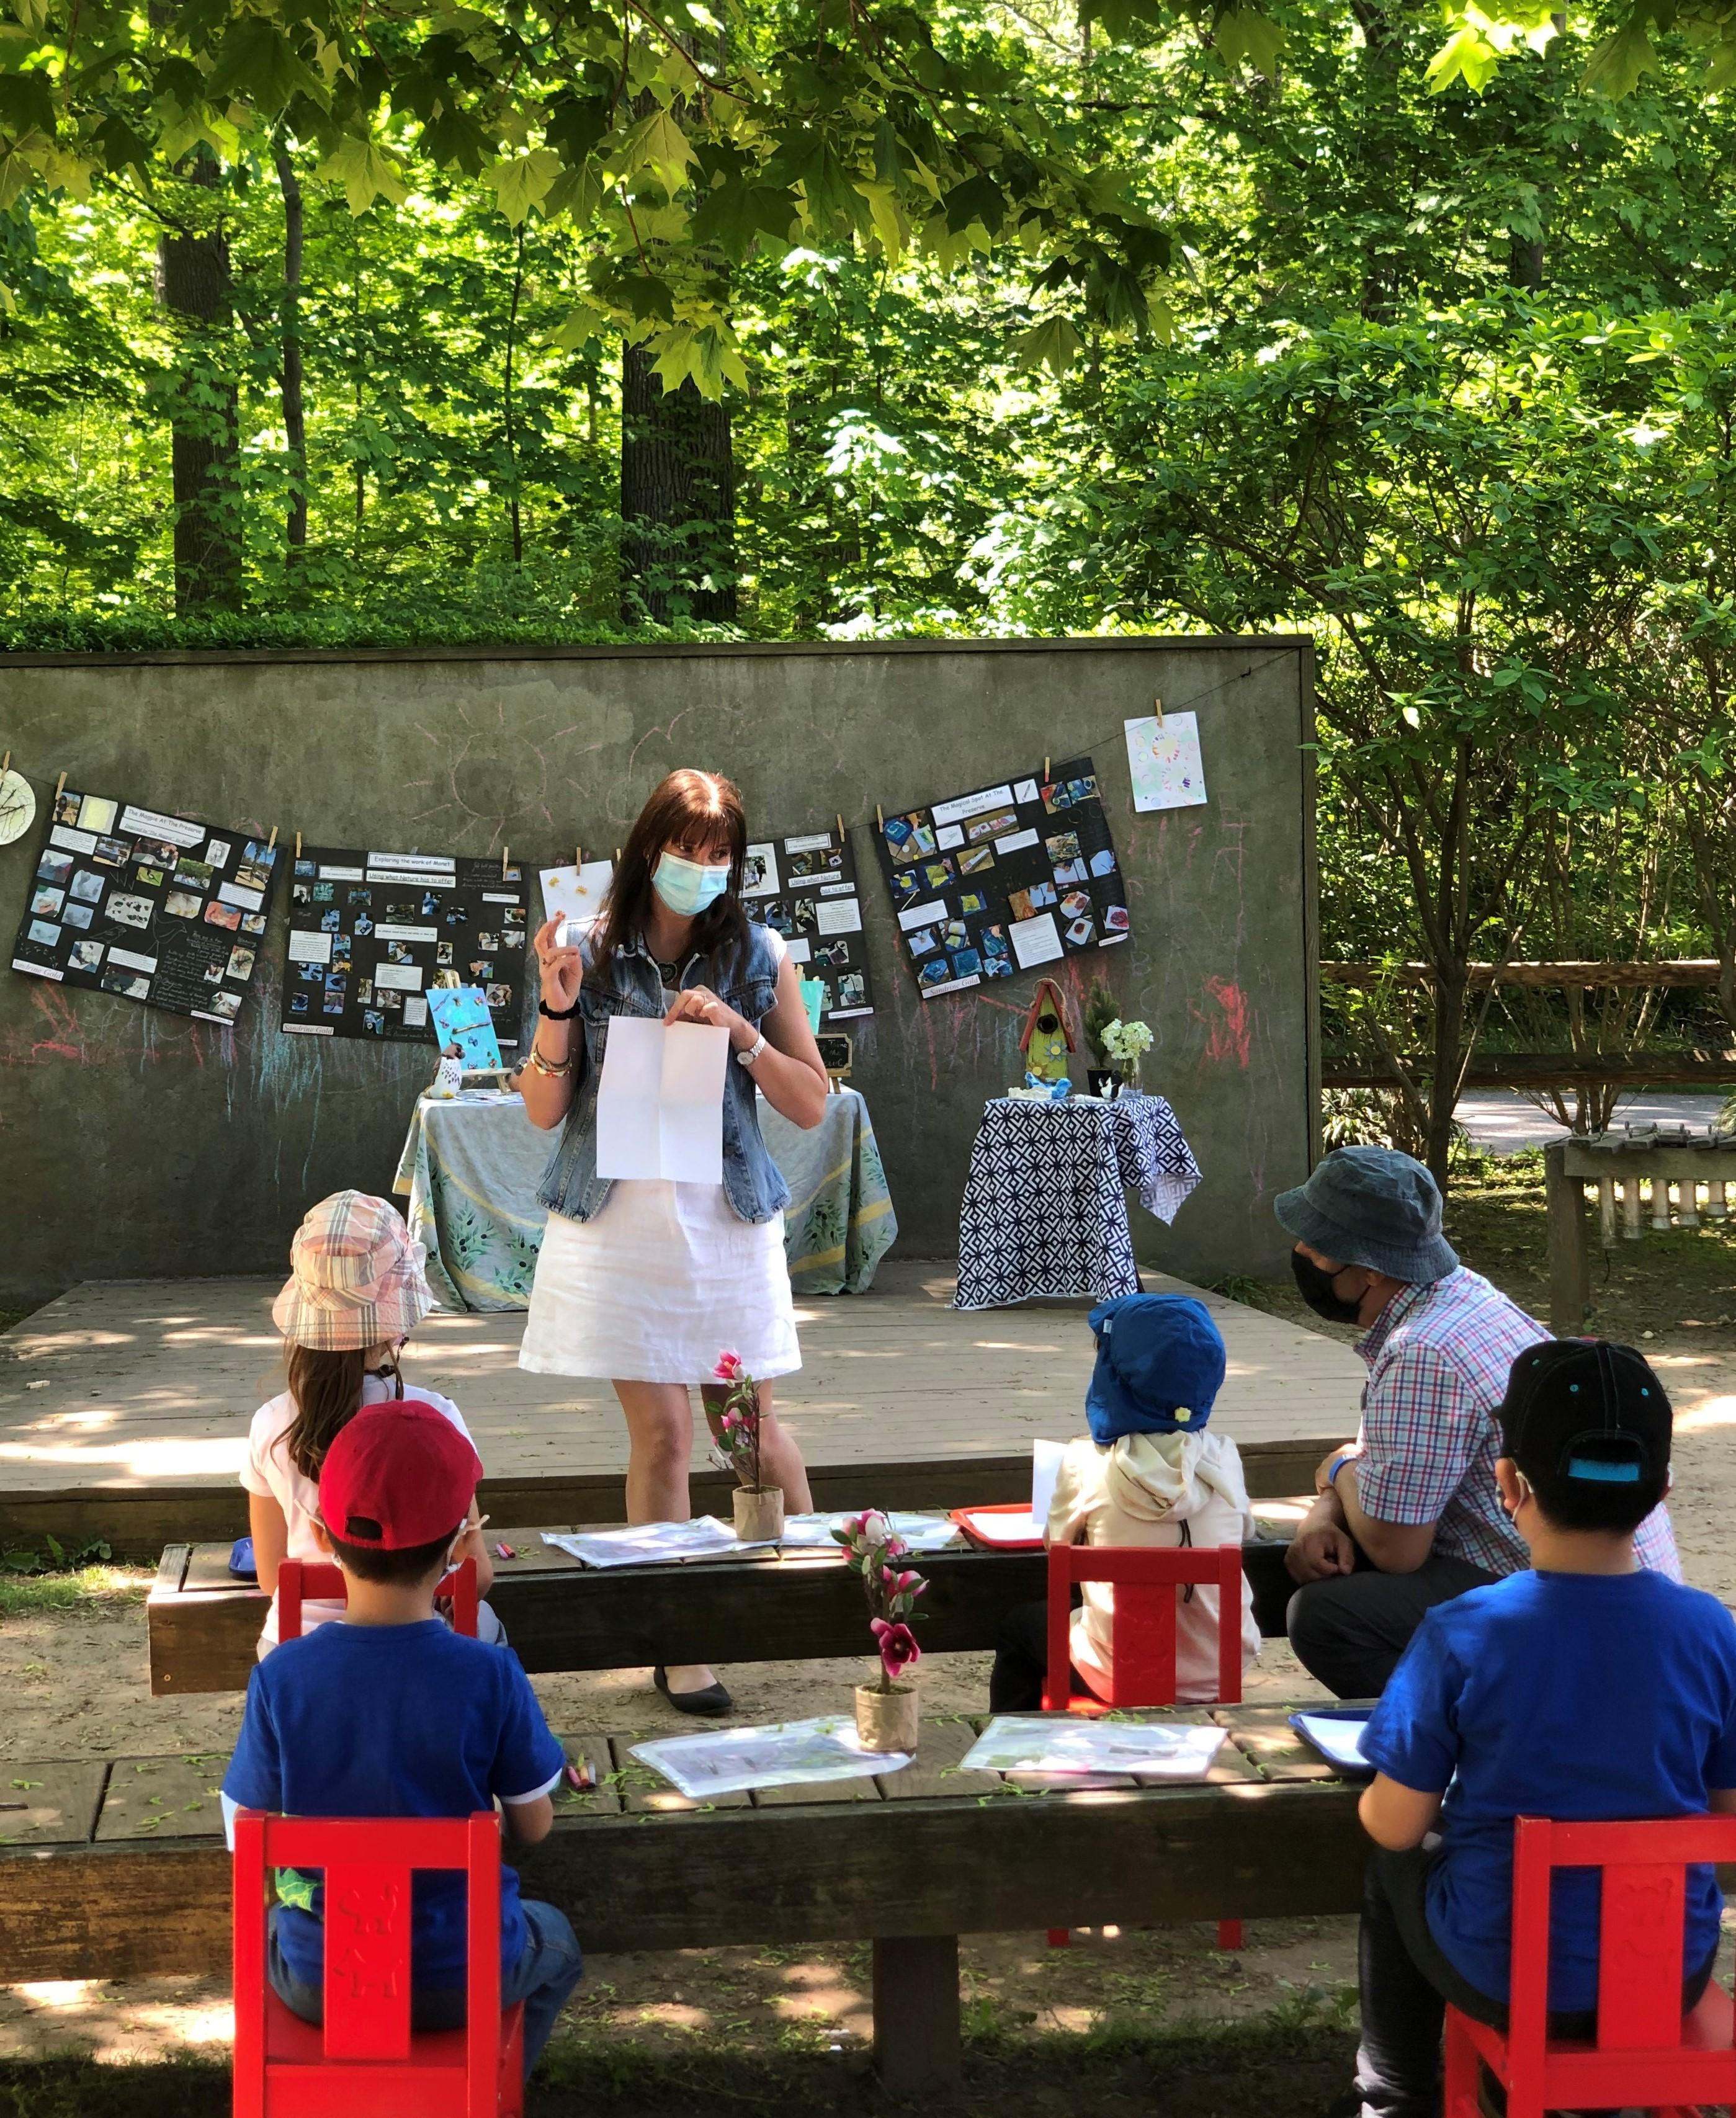 Art Class in Outdoor Classroom